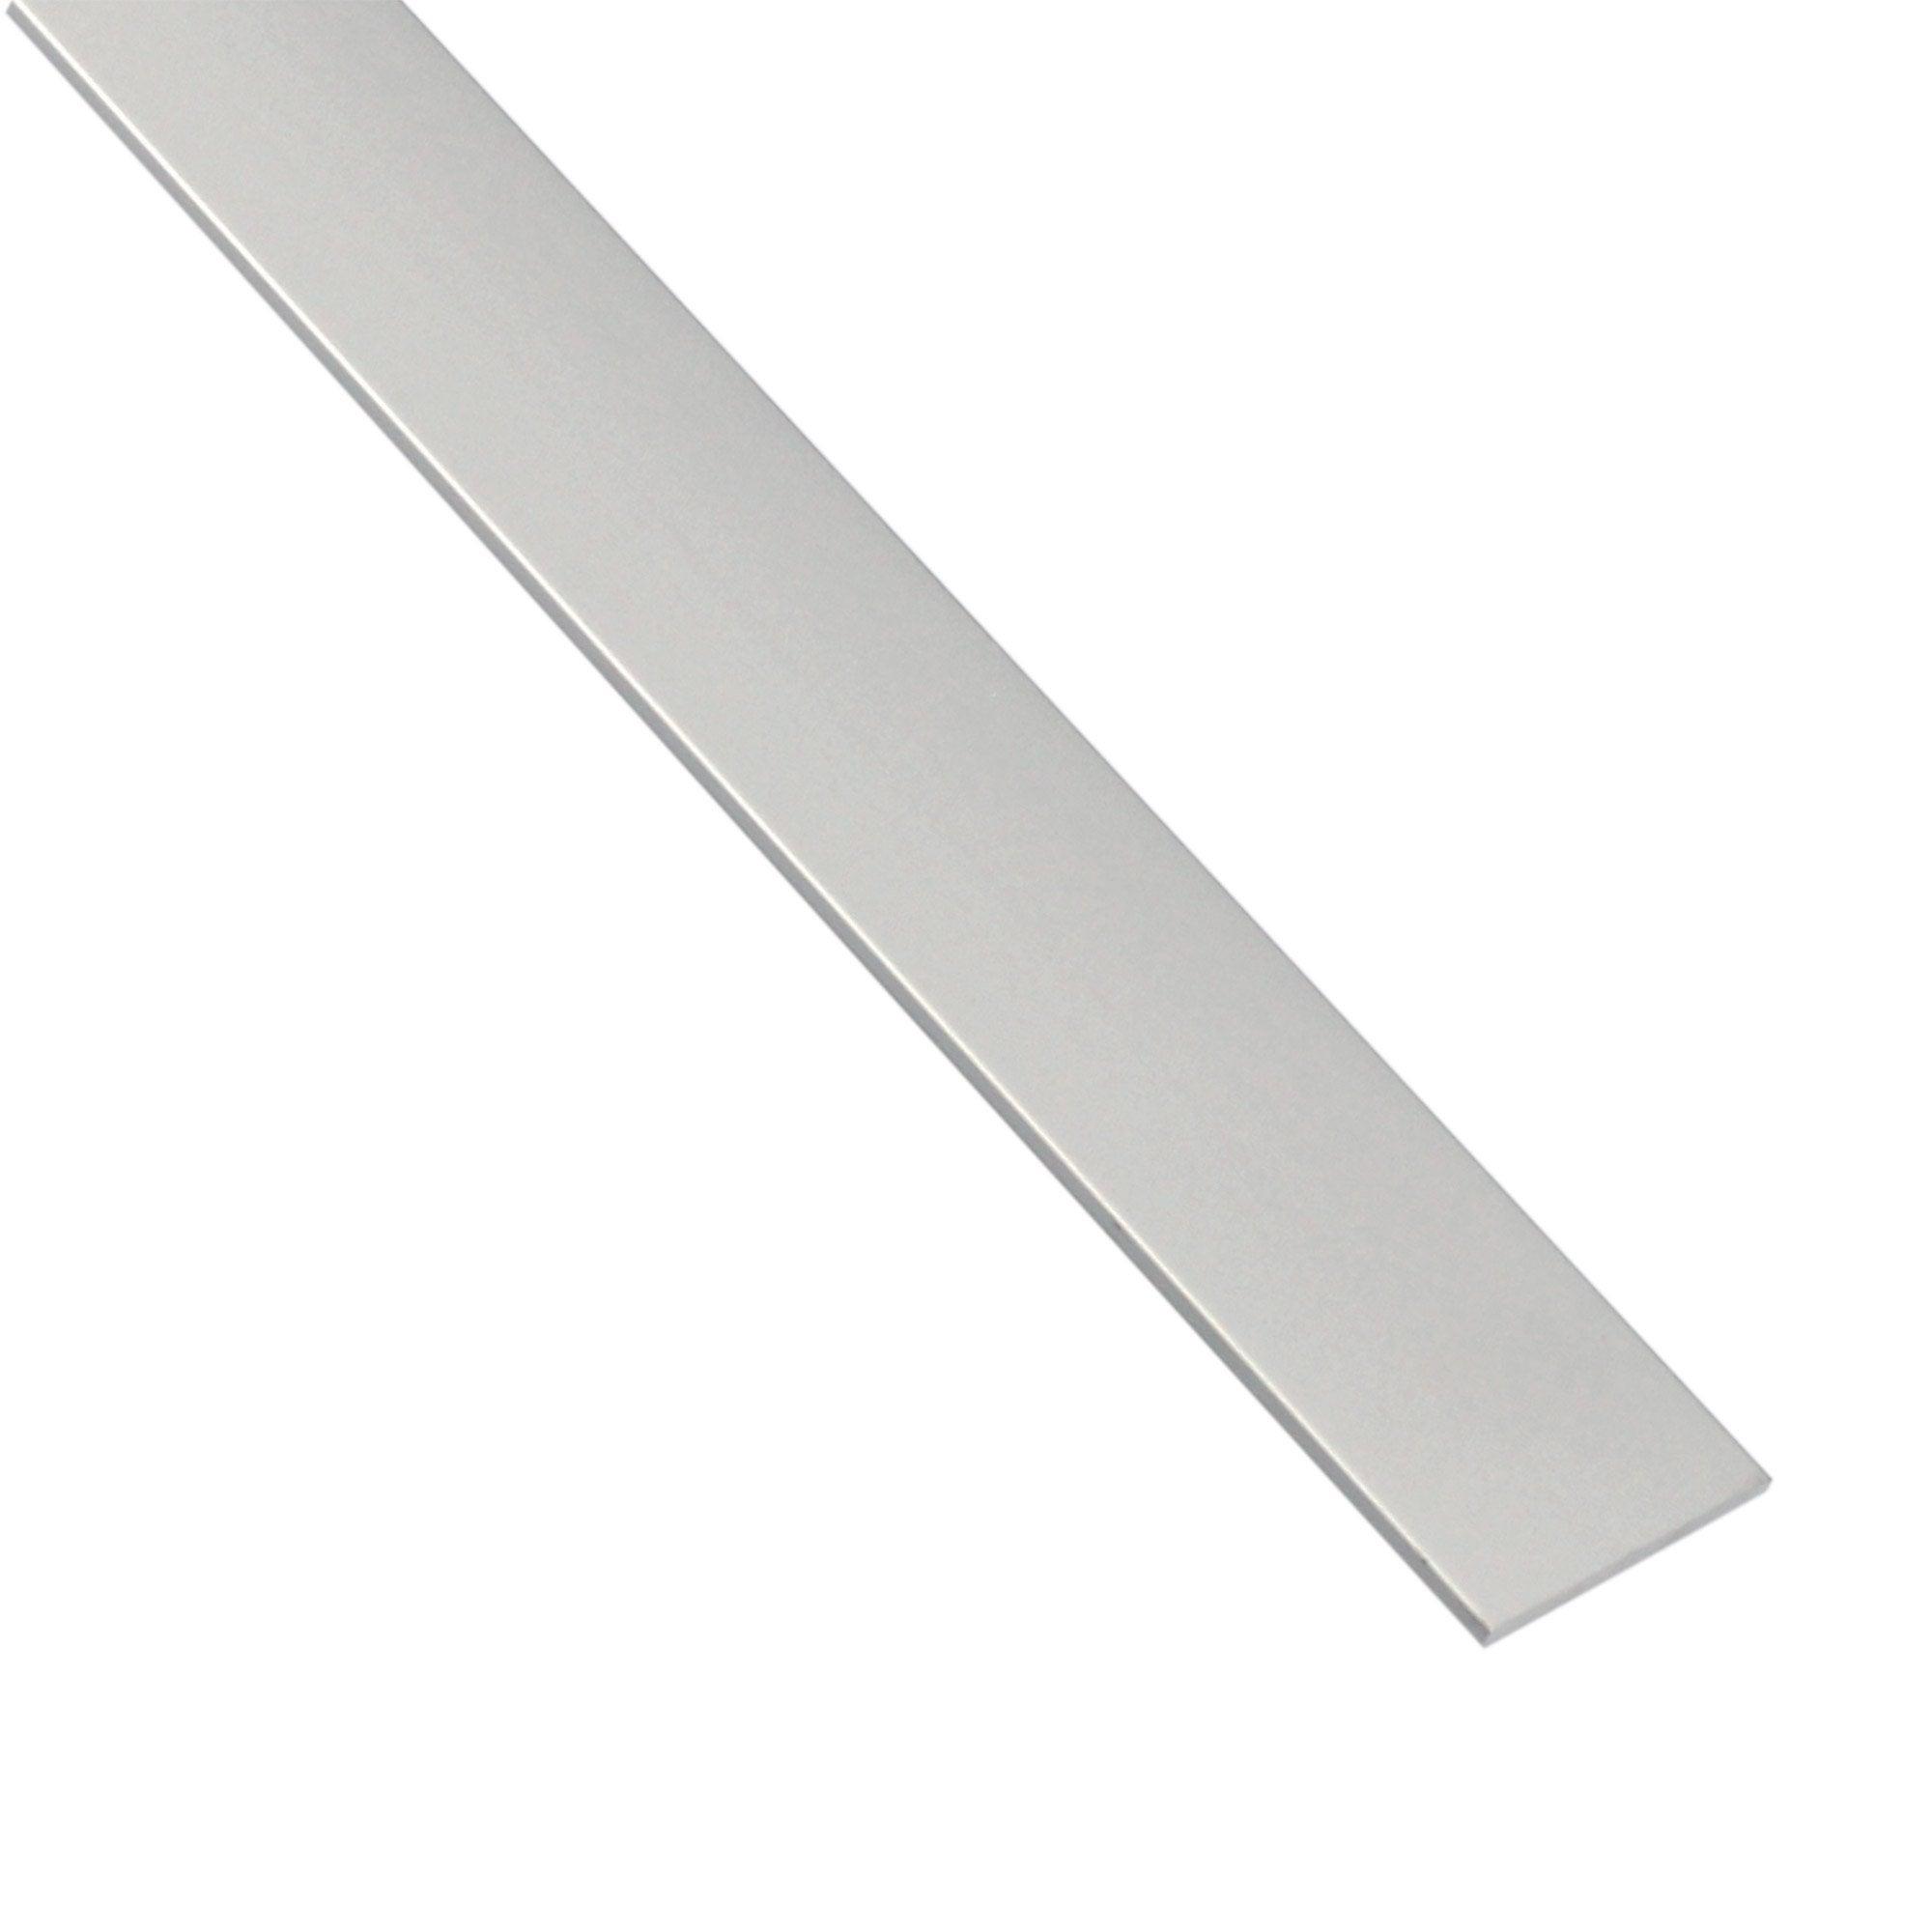 Plat Aluminium Anodisé Argent L26 M X L4 Cm X H03 Cm